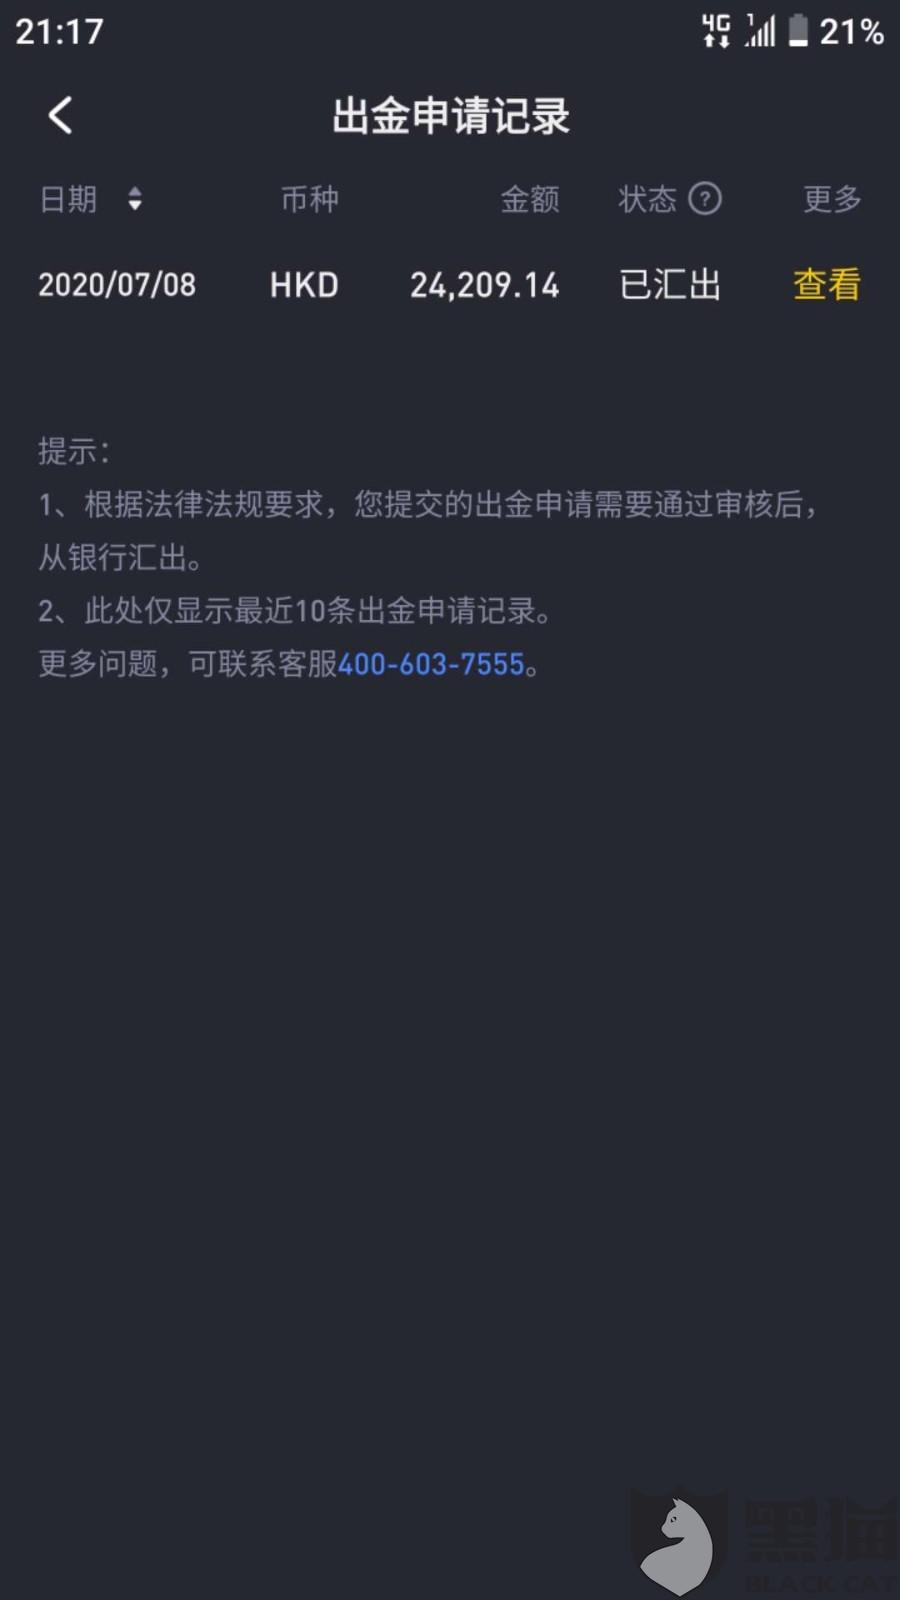 黑猫投诉:老虎证券出金手续费不合理、不透明,入金到工银亚洲银行,出金却要从新加坡的银行出